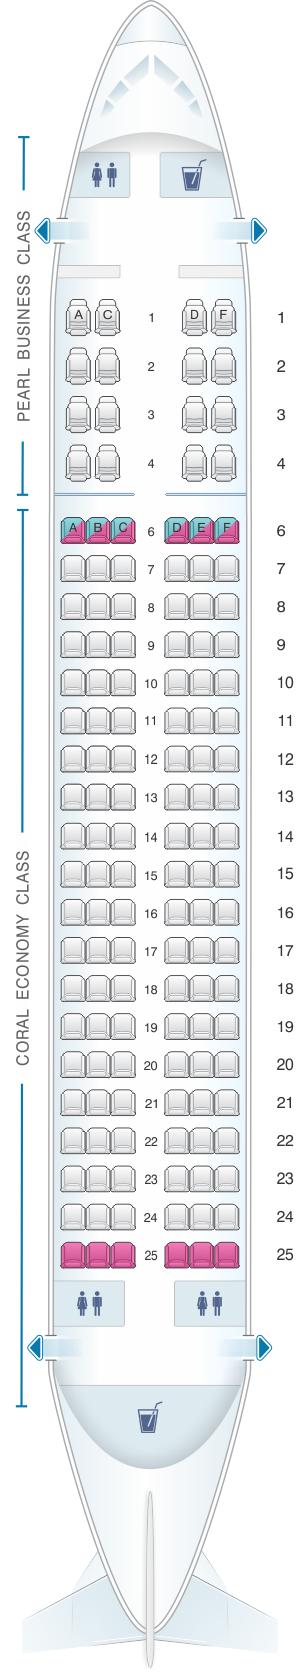 Seat Map Etihad Airways Airbus A320 200 | SeatMaestro.com